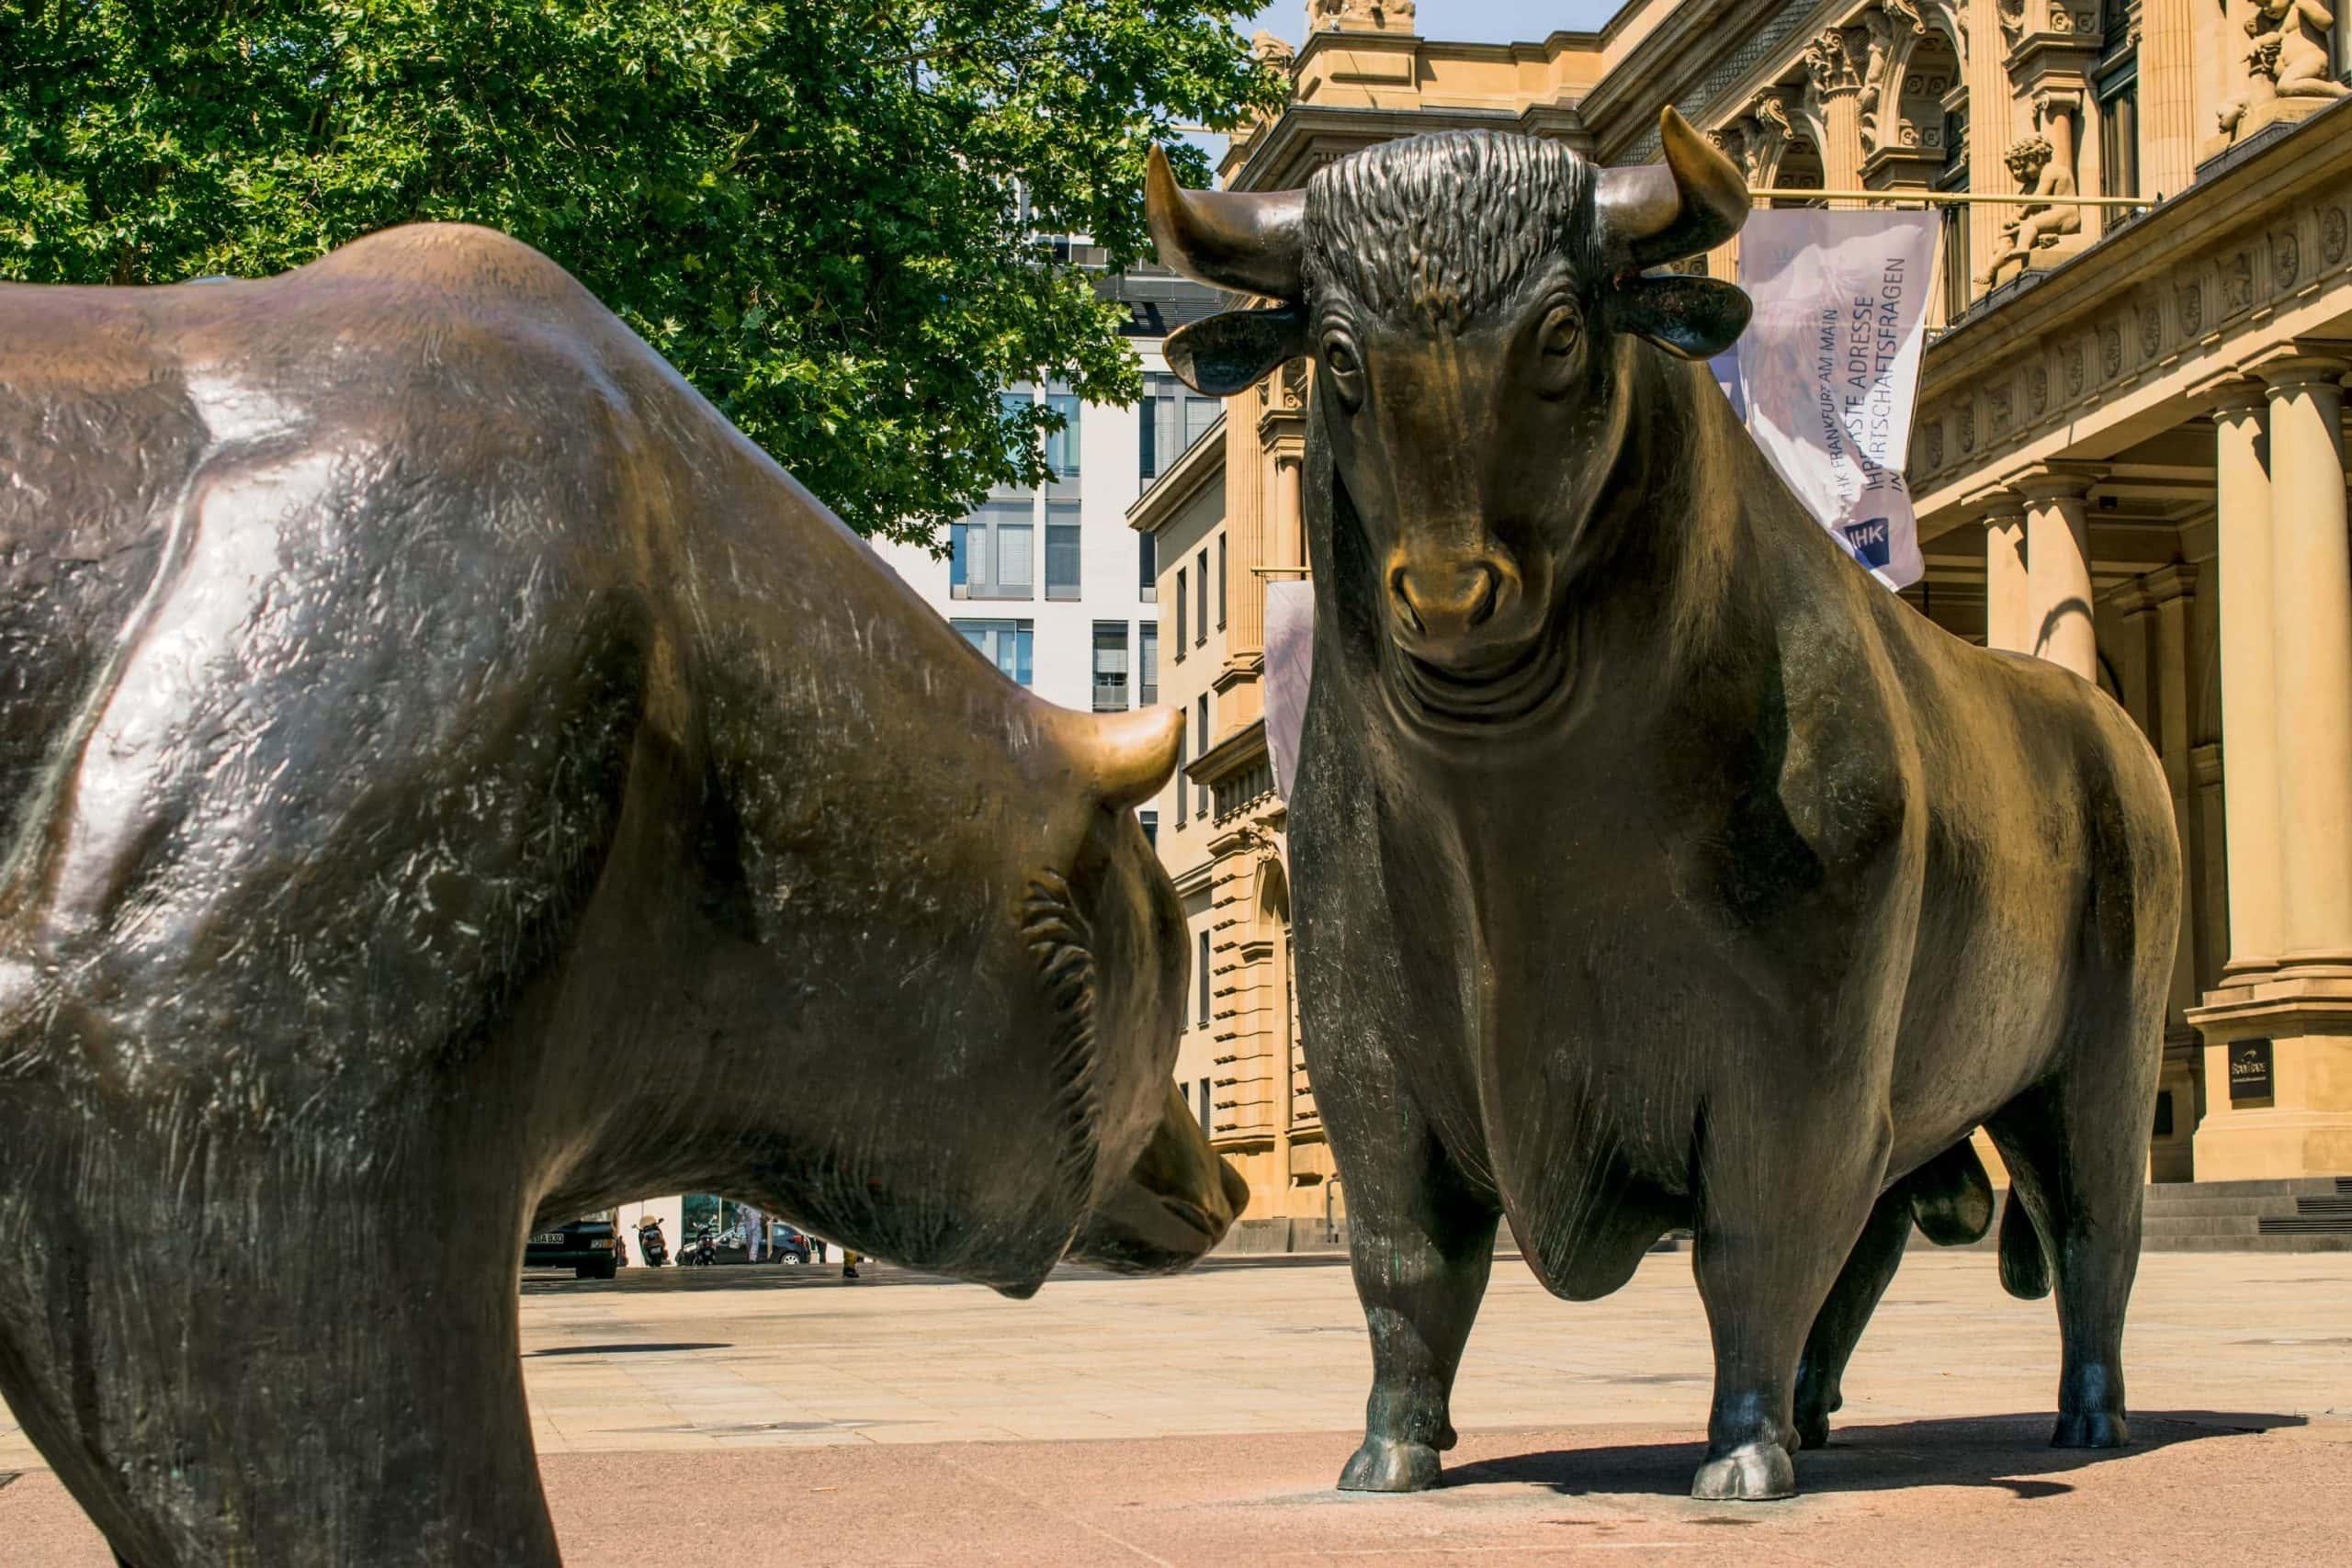 Auf einem Platz stehen sic ein Bär und ein Bulle gegenüber. Diese Metapher soll steigende Kurse (Bär) und steigende (Bulle) verdeutlichen.